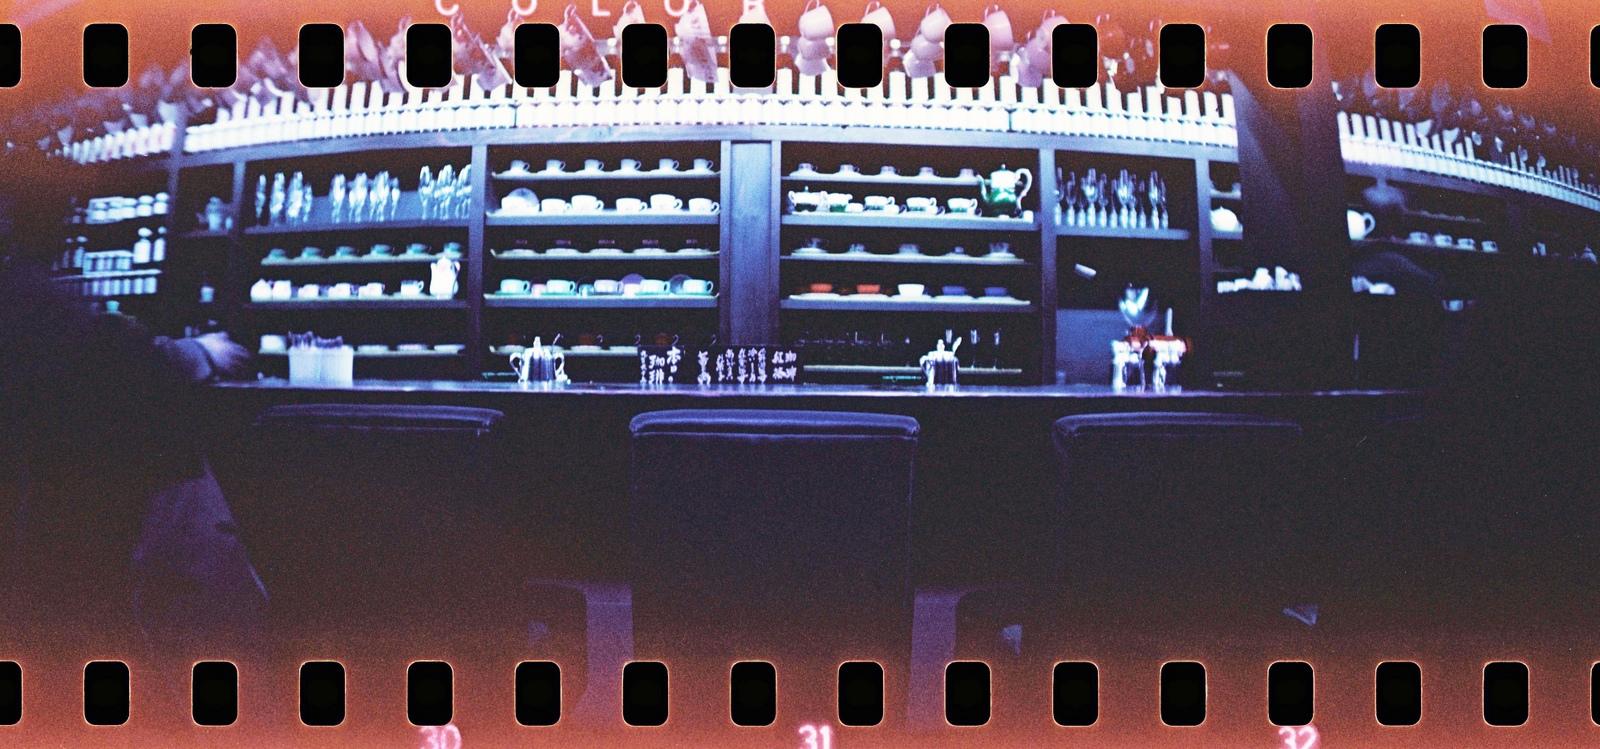 000007 Lomo Sprokle Rocket X LomoChrome Purple XR.JPG